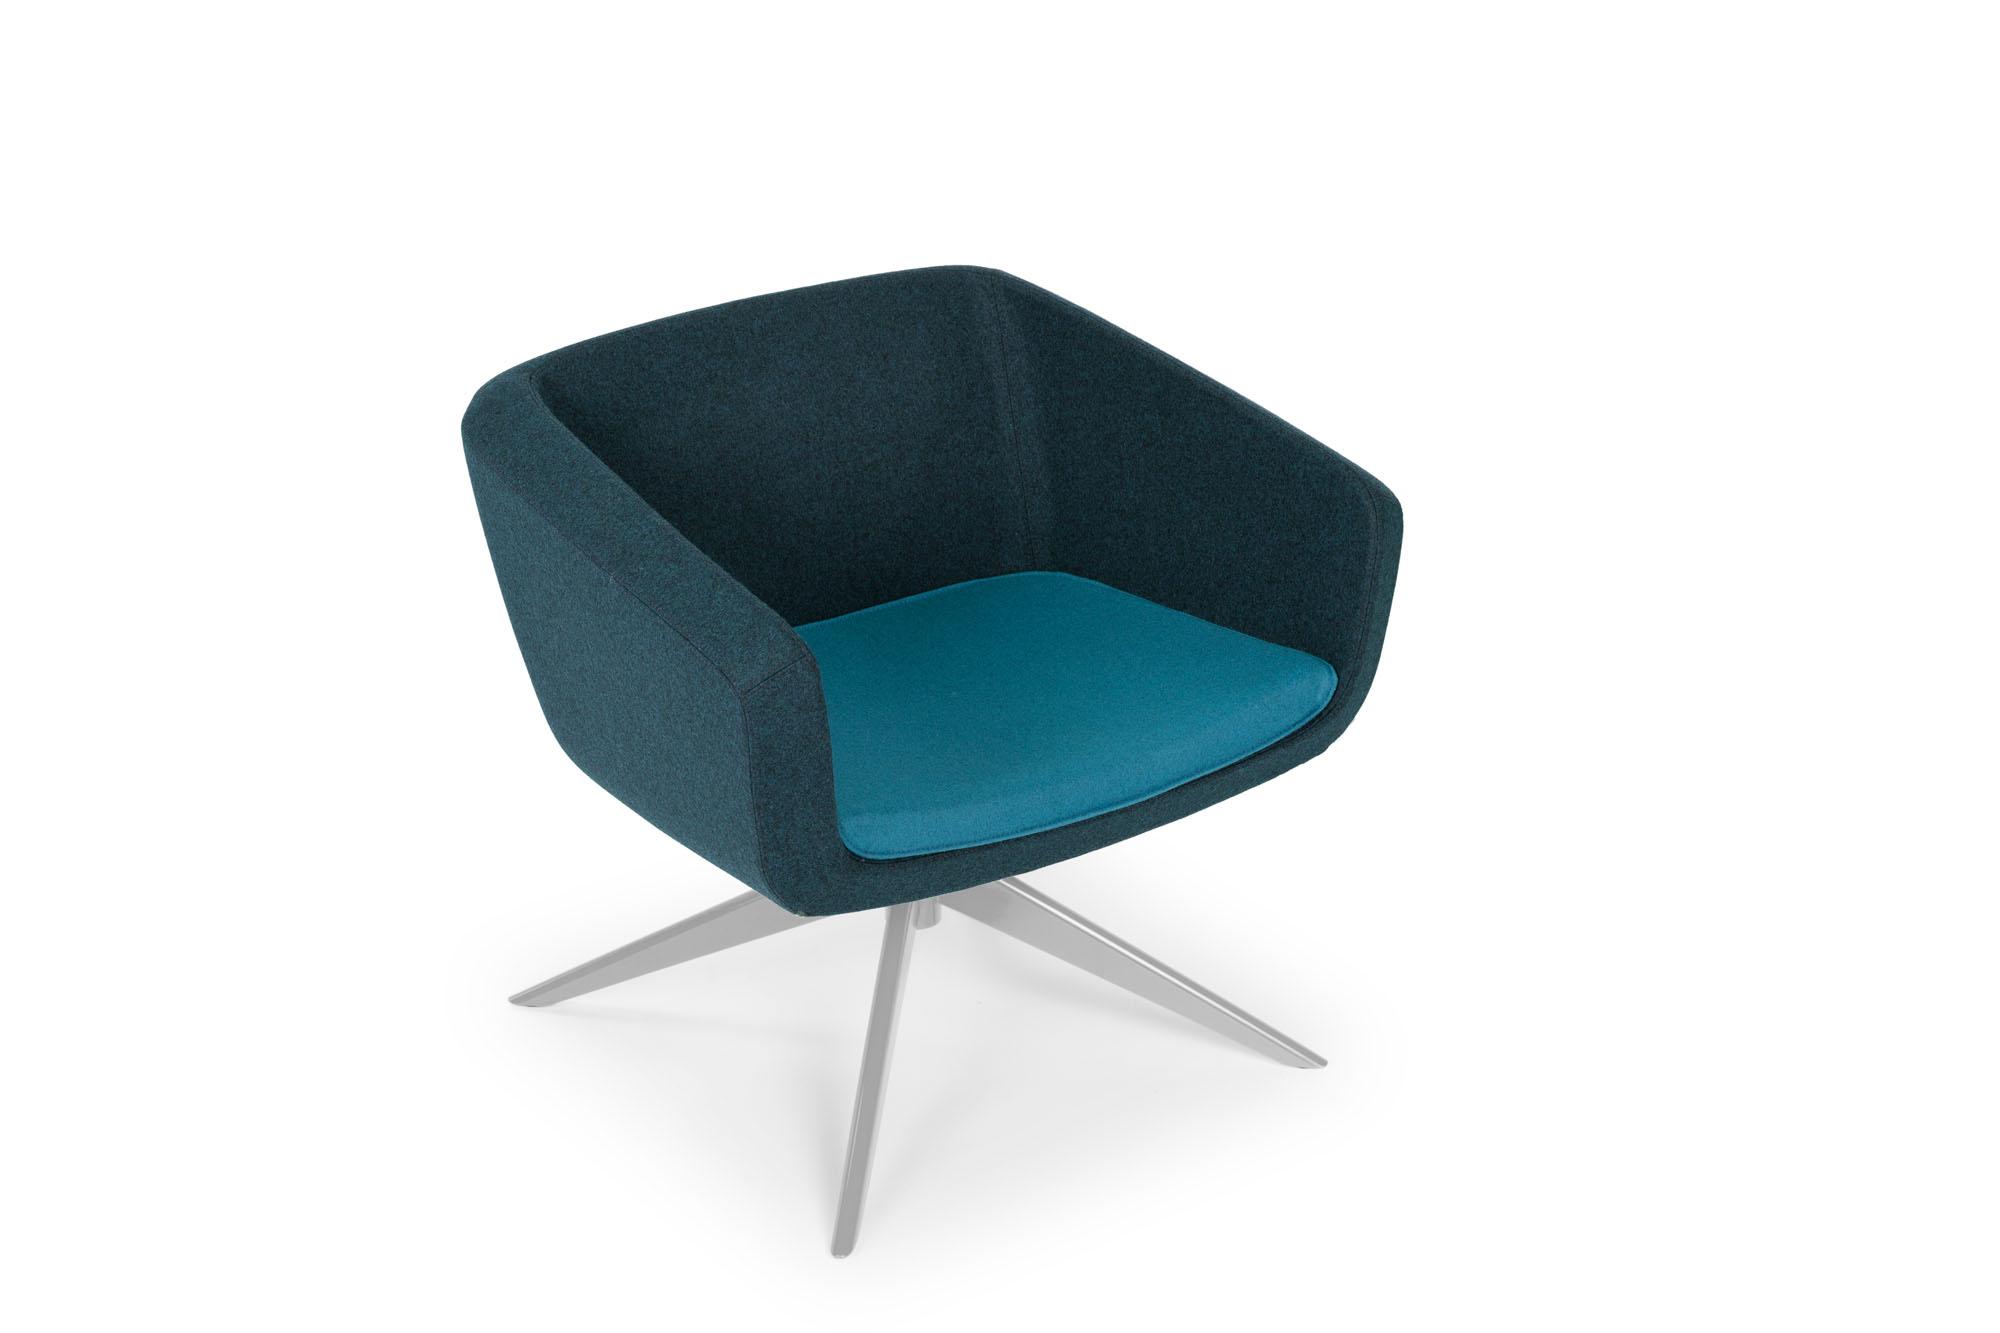 AA8_018 blu-azzurro_1.jpg